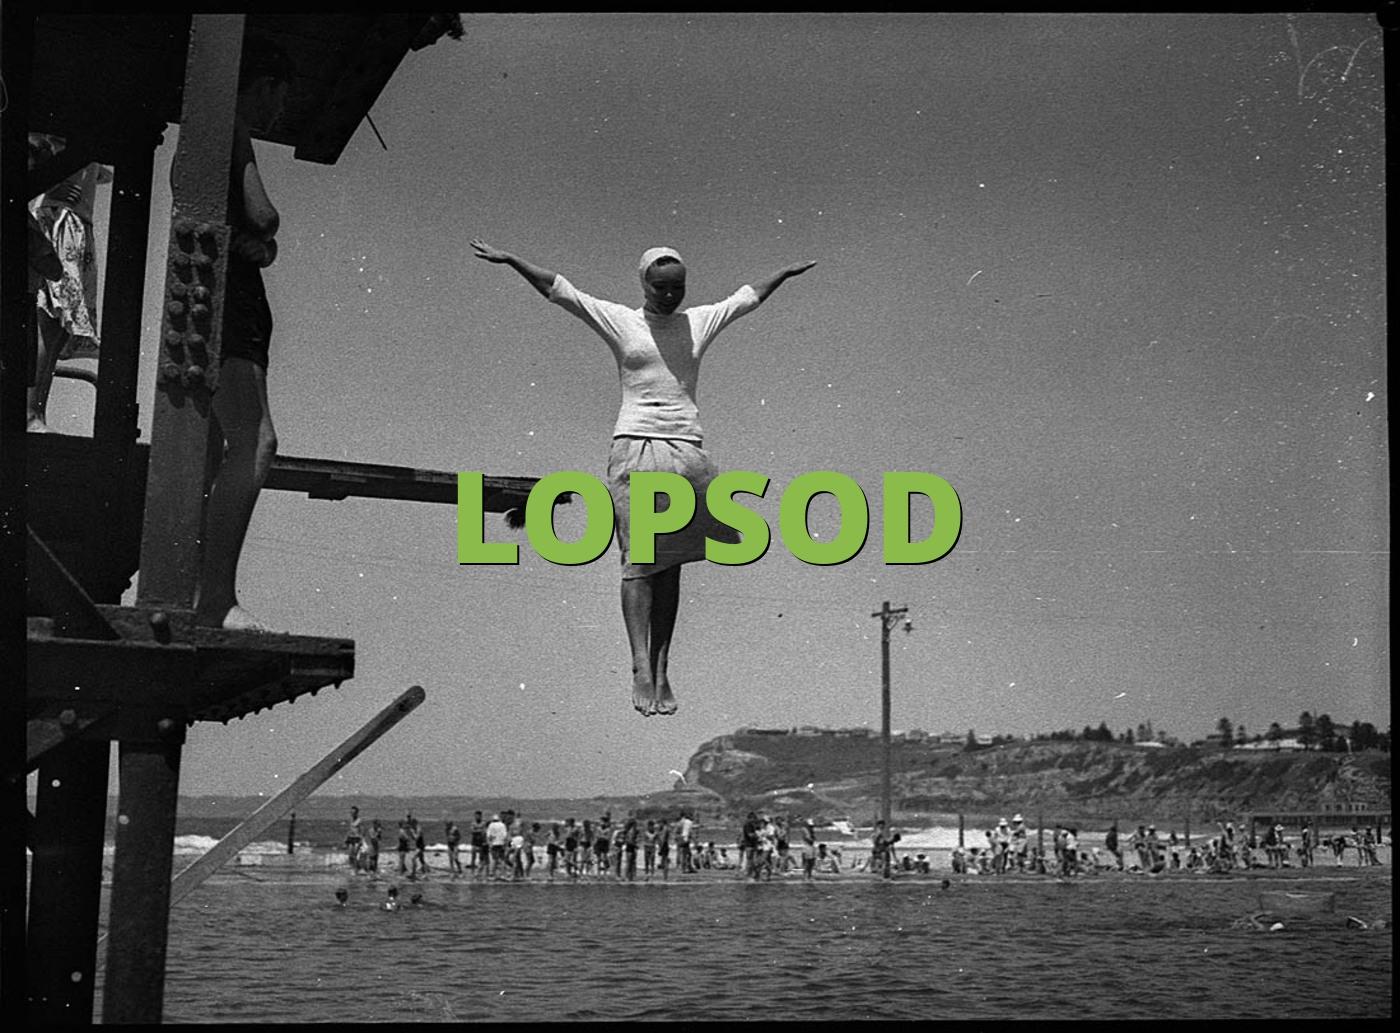 LOPSOD